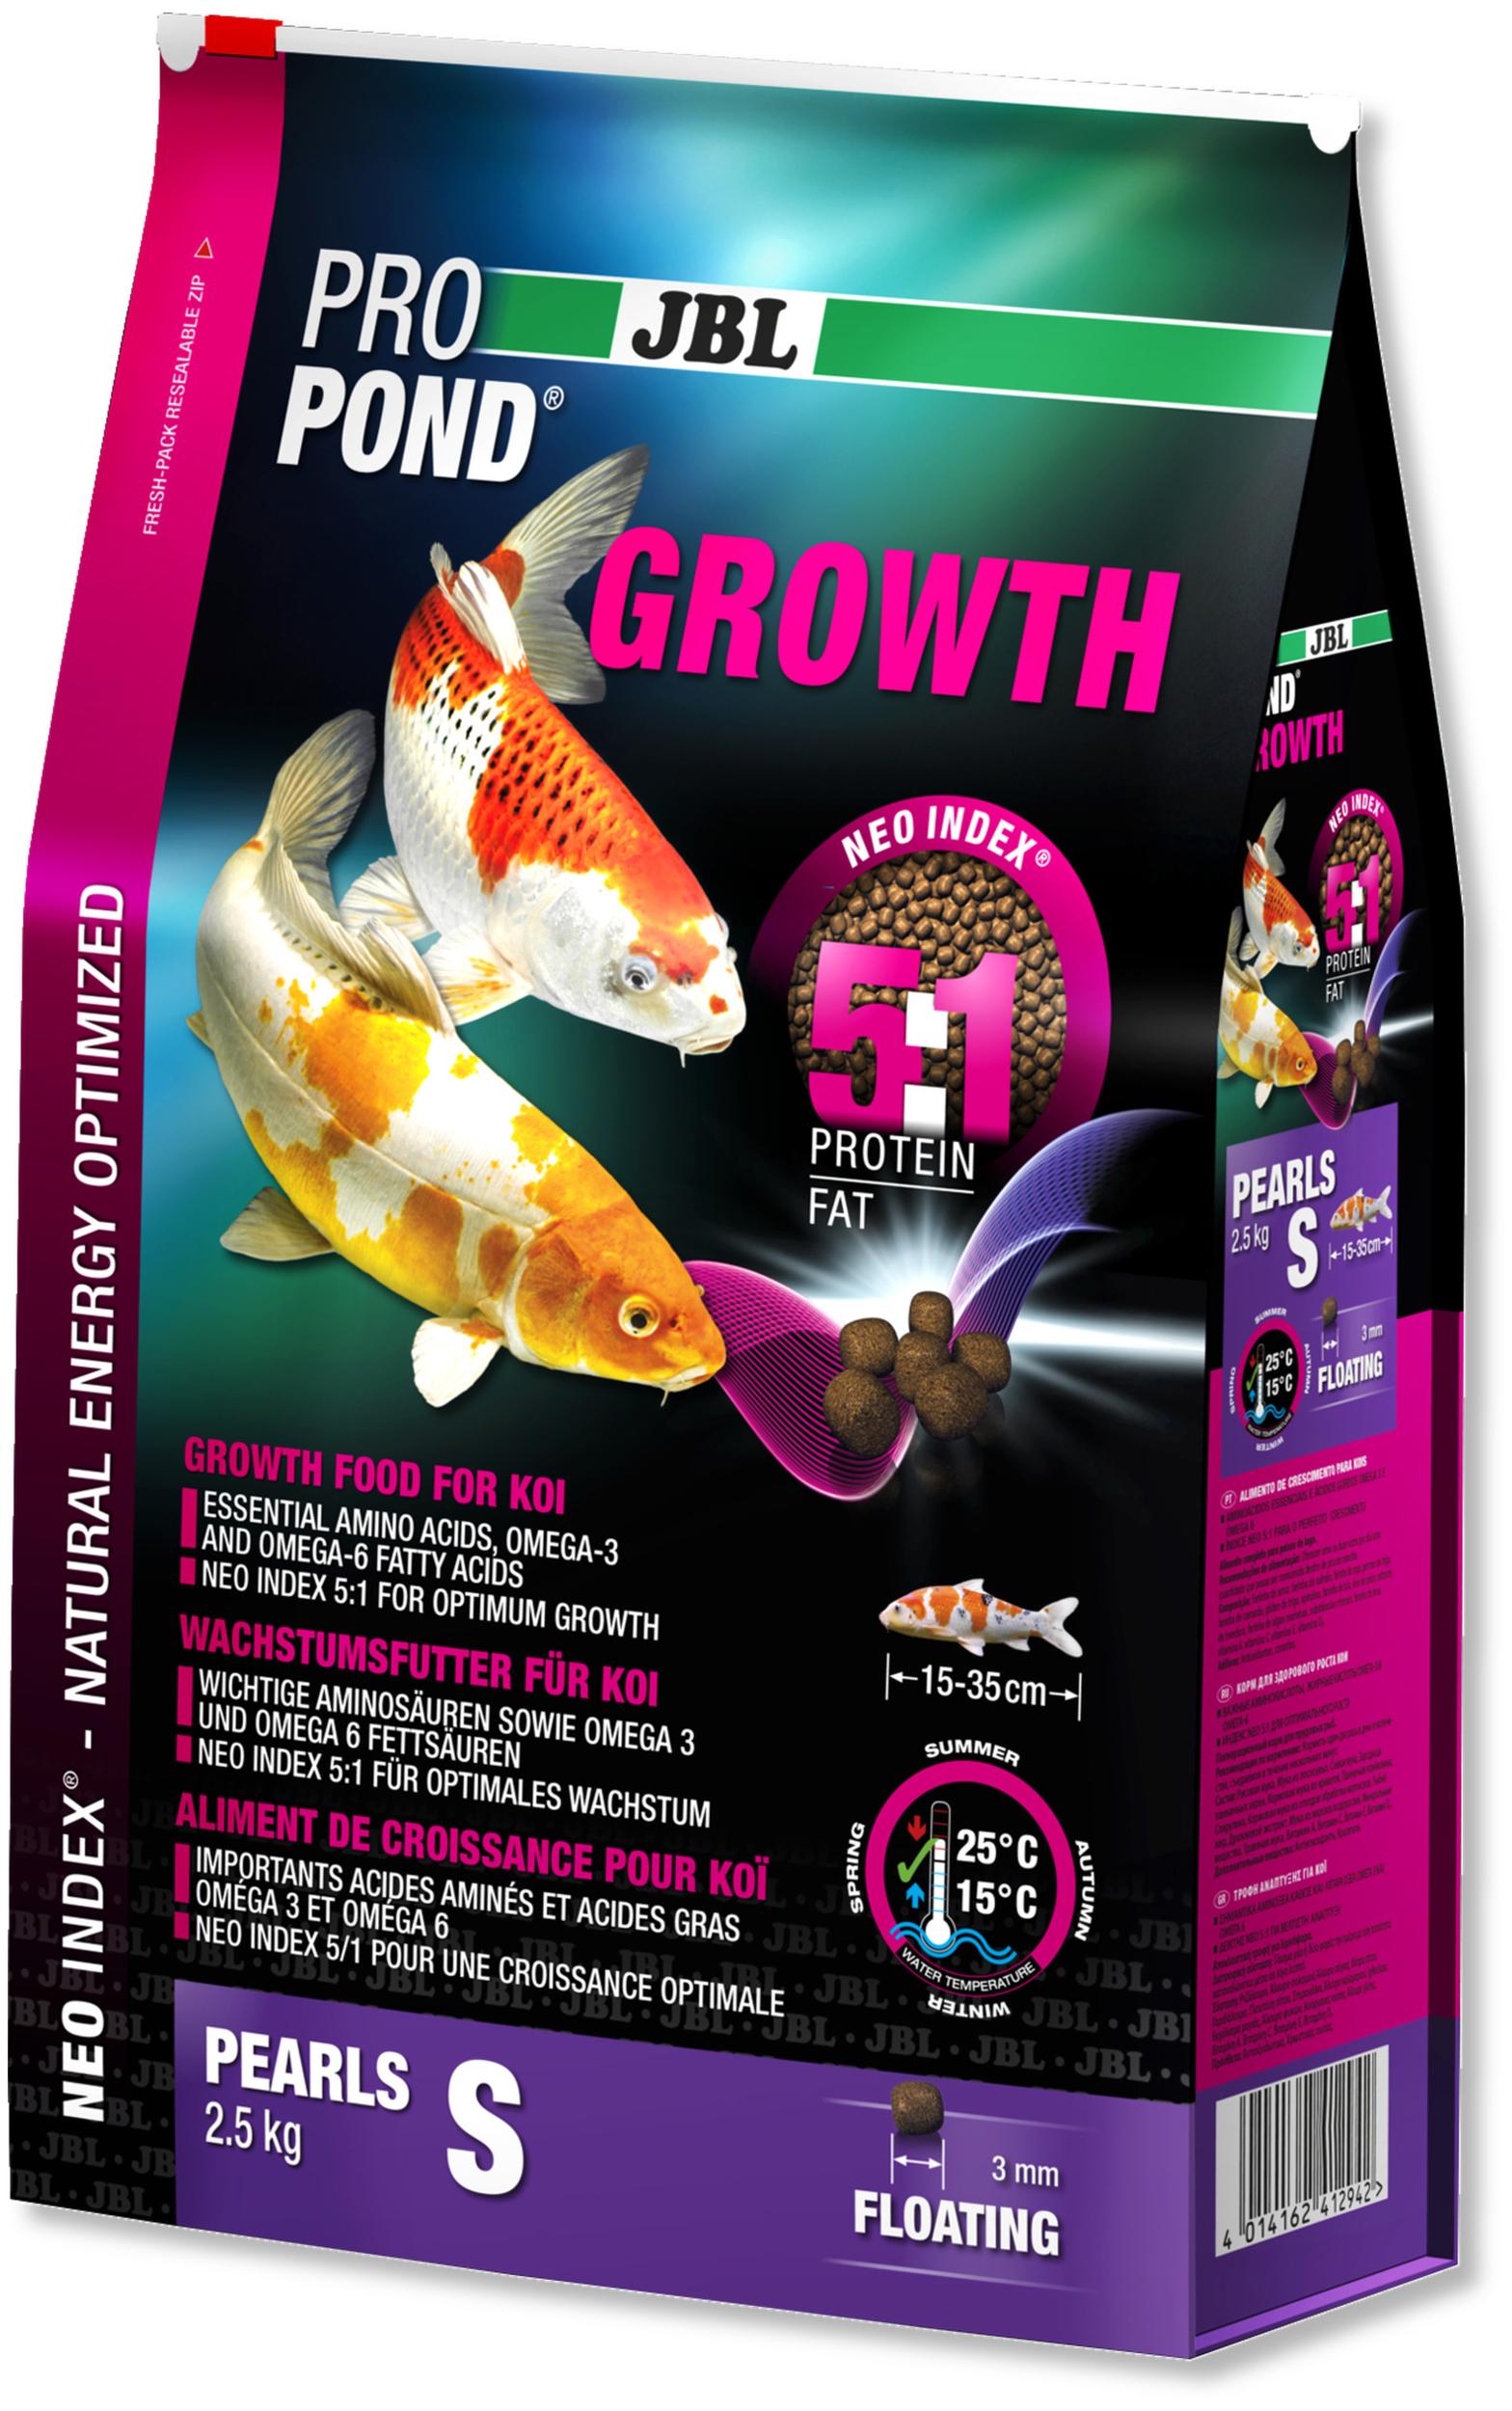 JBL ProPond Growth S 2,5 Kg nourriture Koïs spéciale croissance sous forme de perles pour poissons de 15 à 35 cm